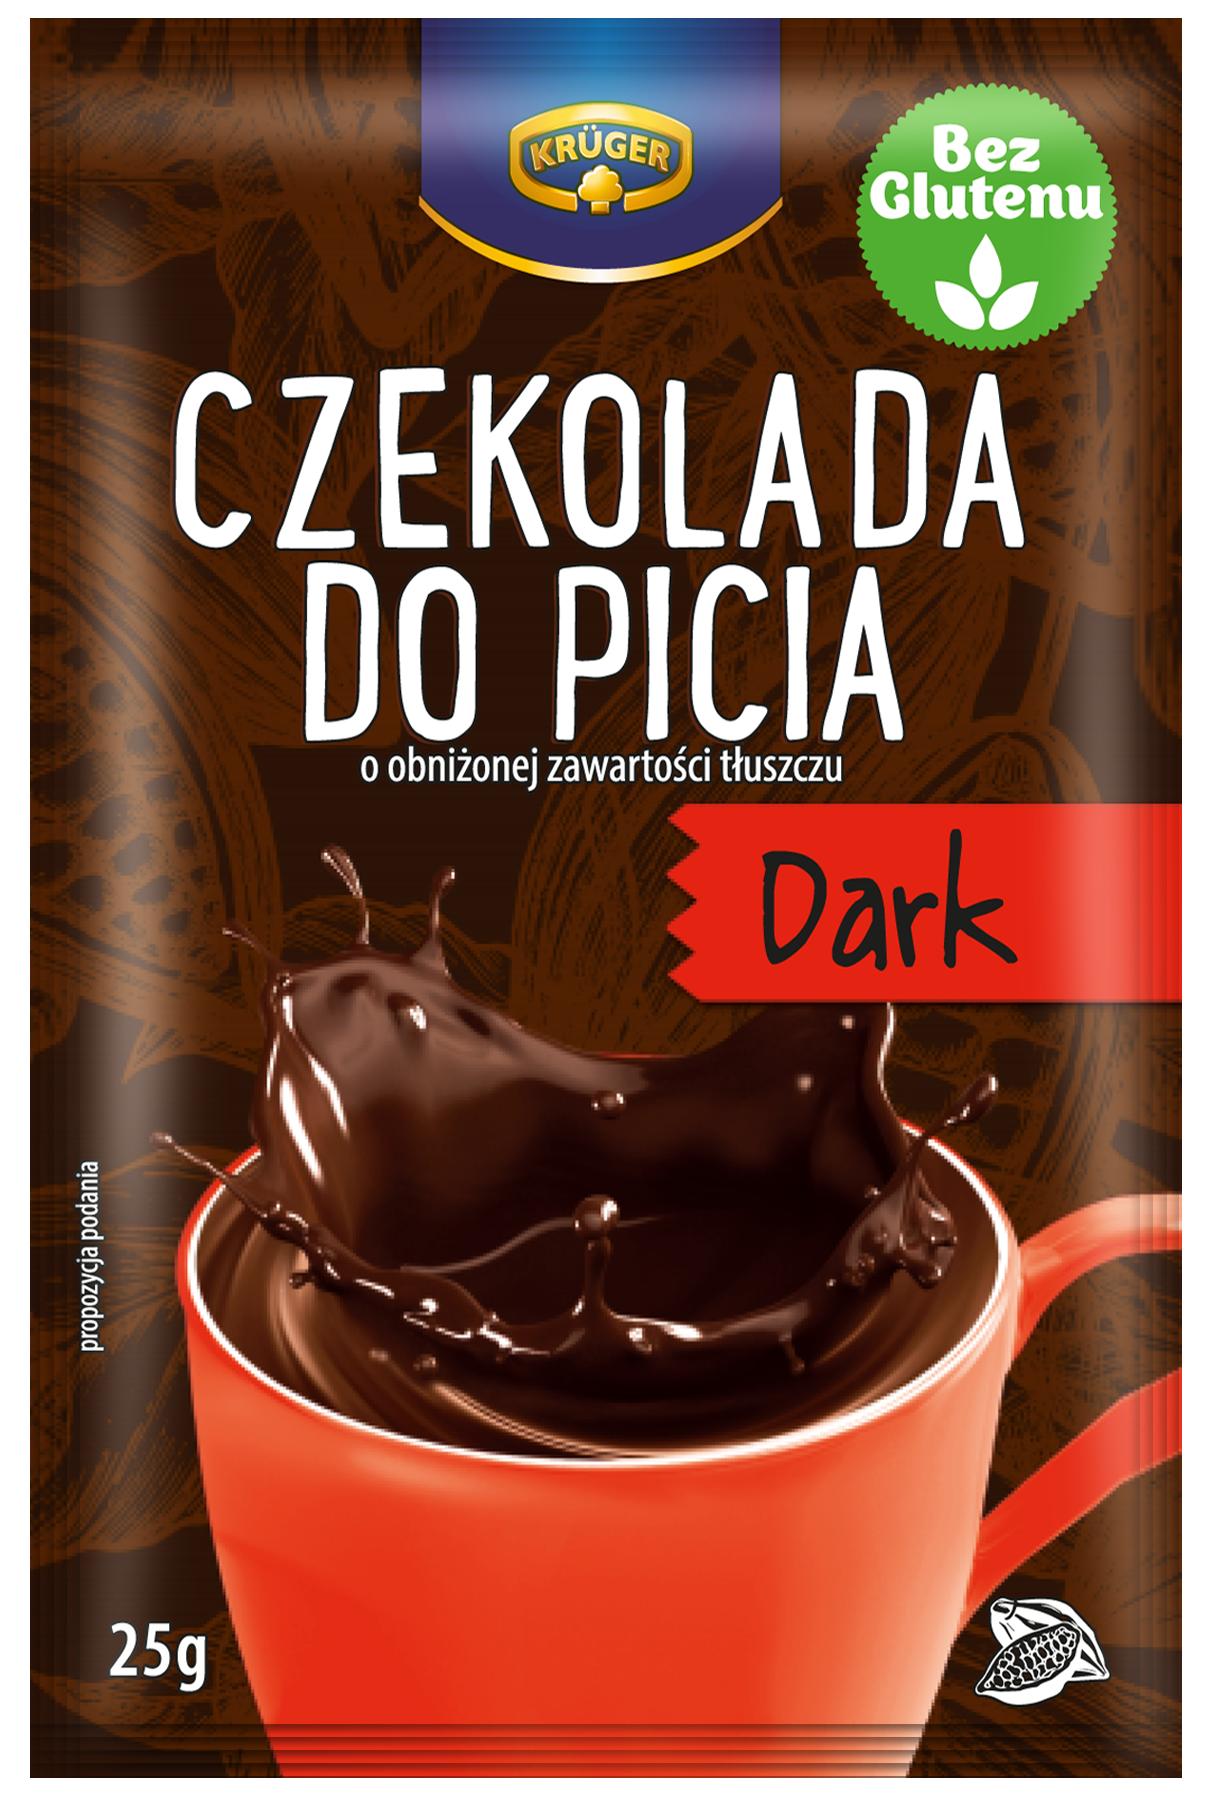 Czekolada do picia Dark o obniżonej zawartości tłuszczu